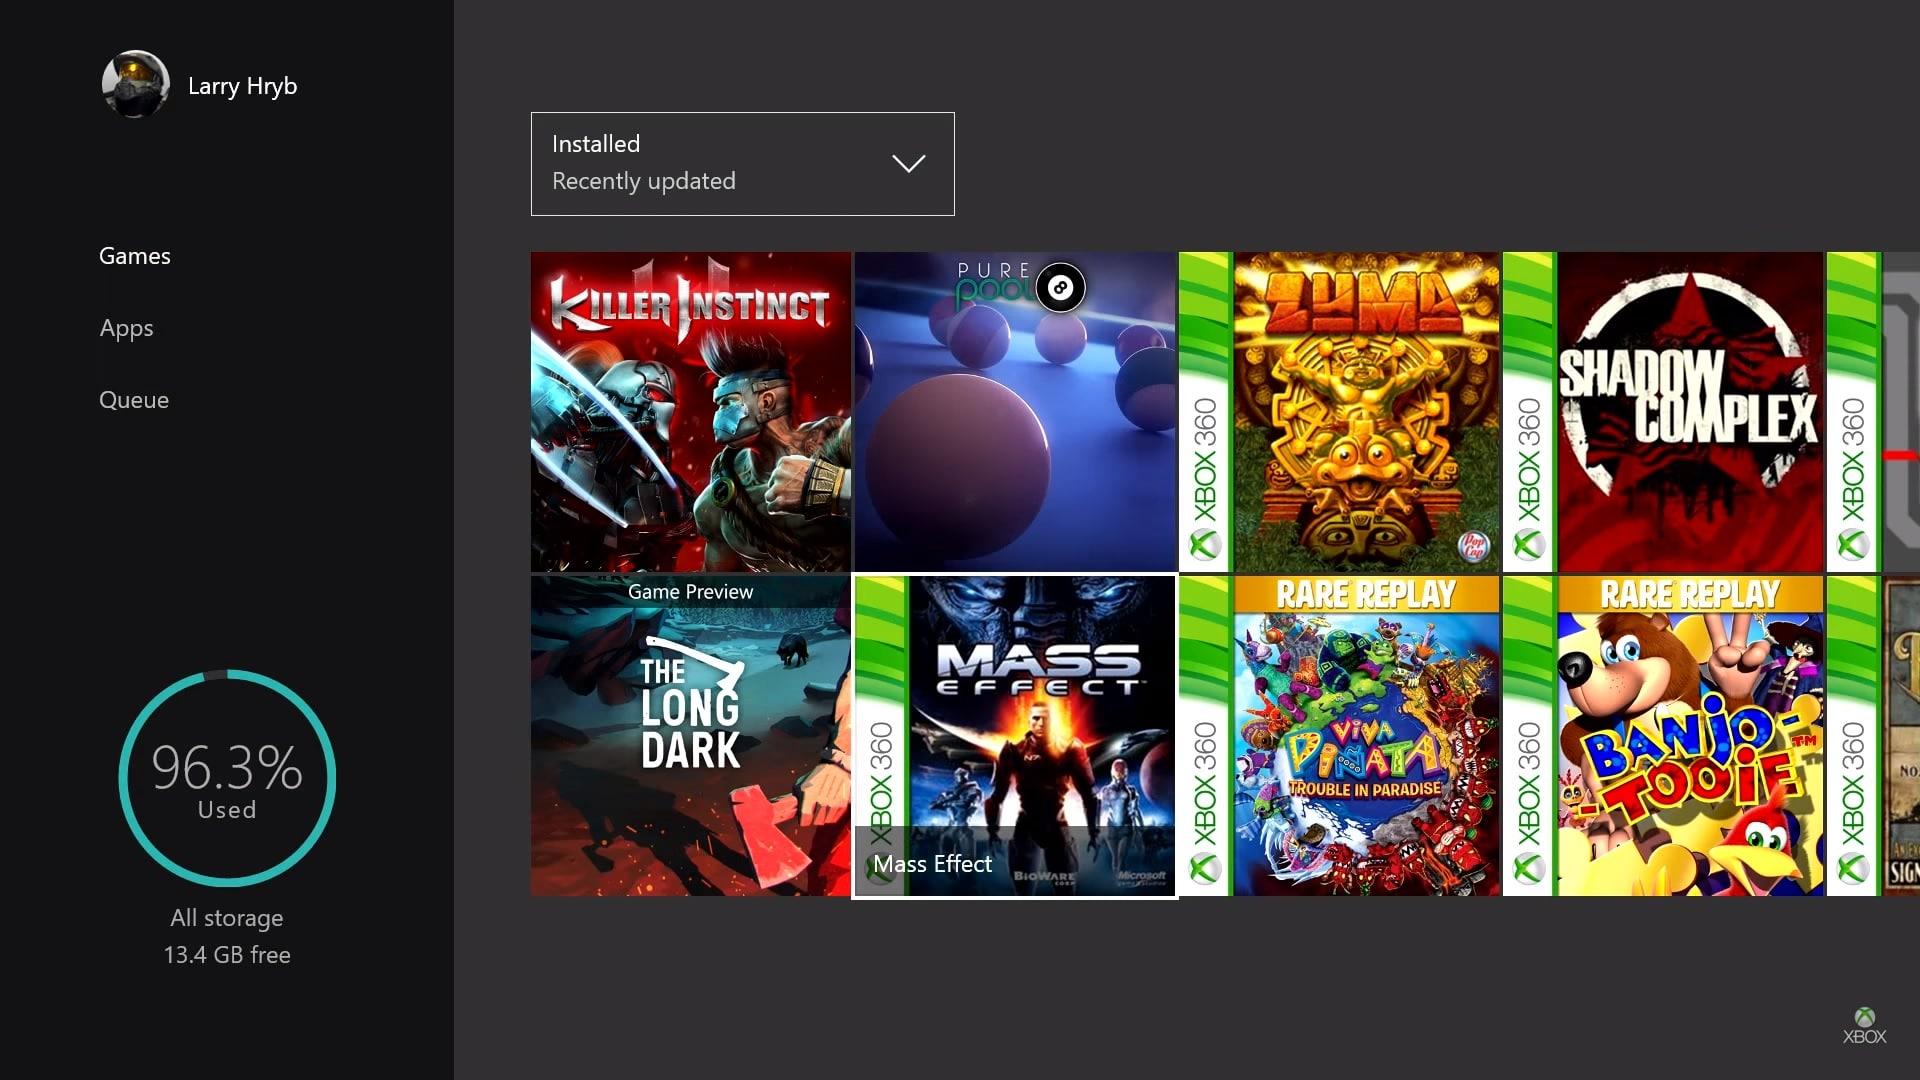 Xbox One Backwards Compatibility Game List Revealed Eteknix